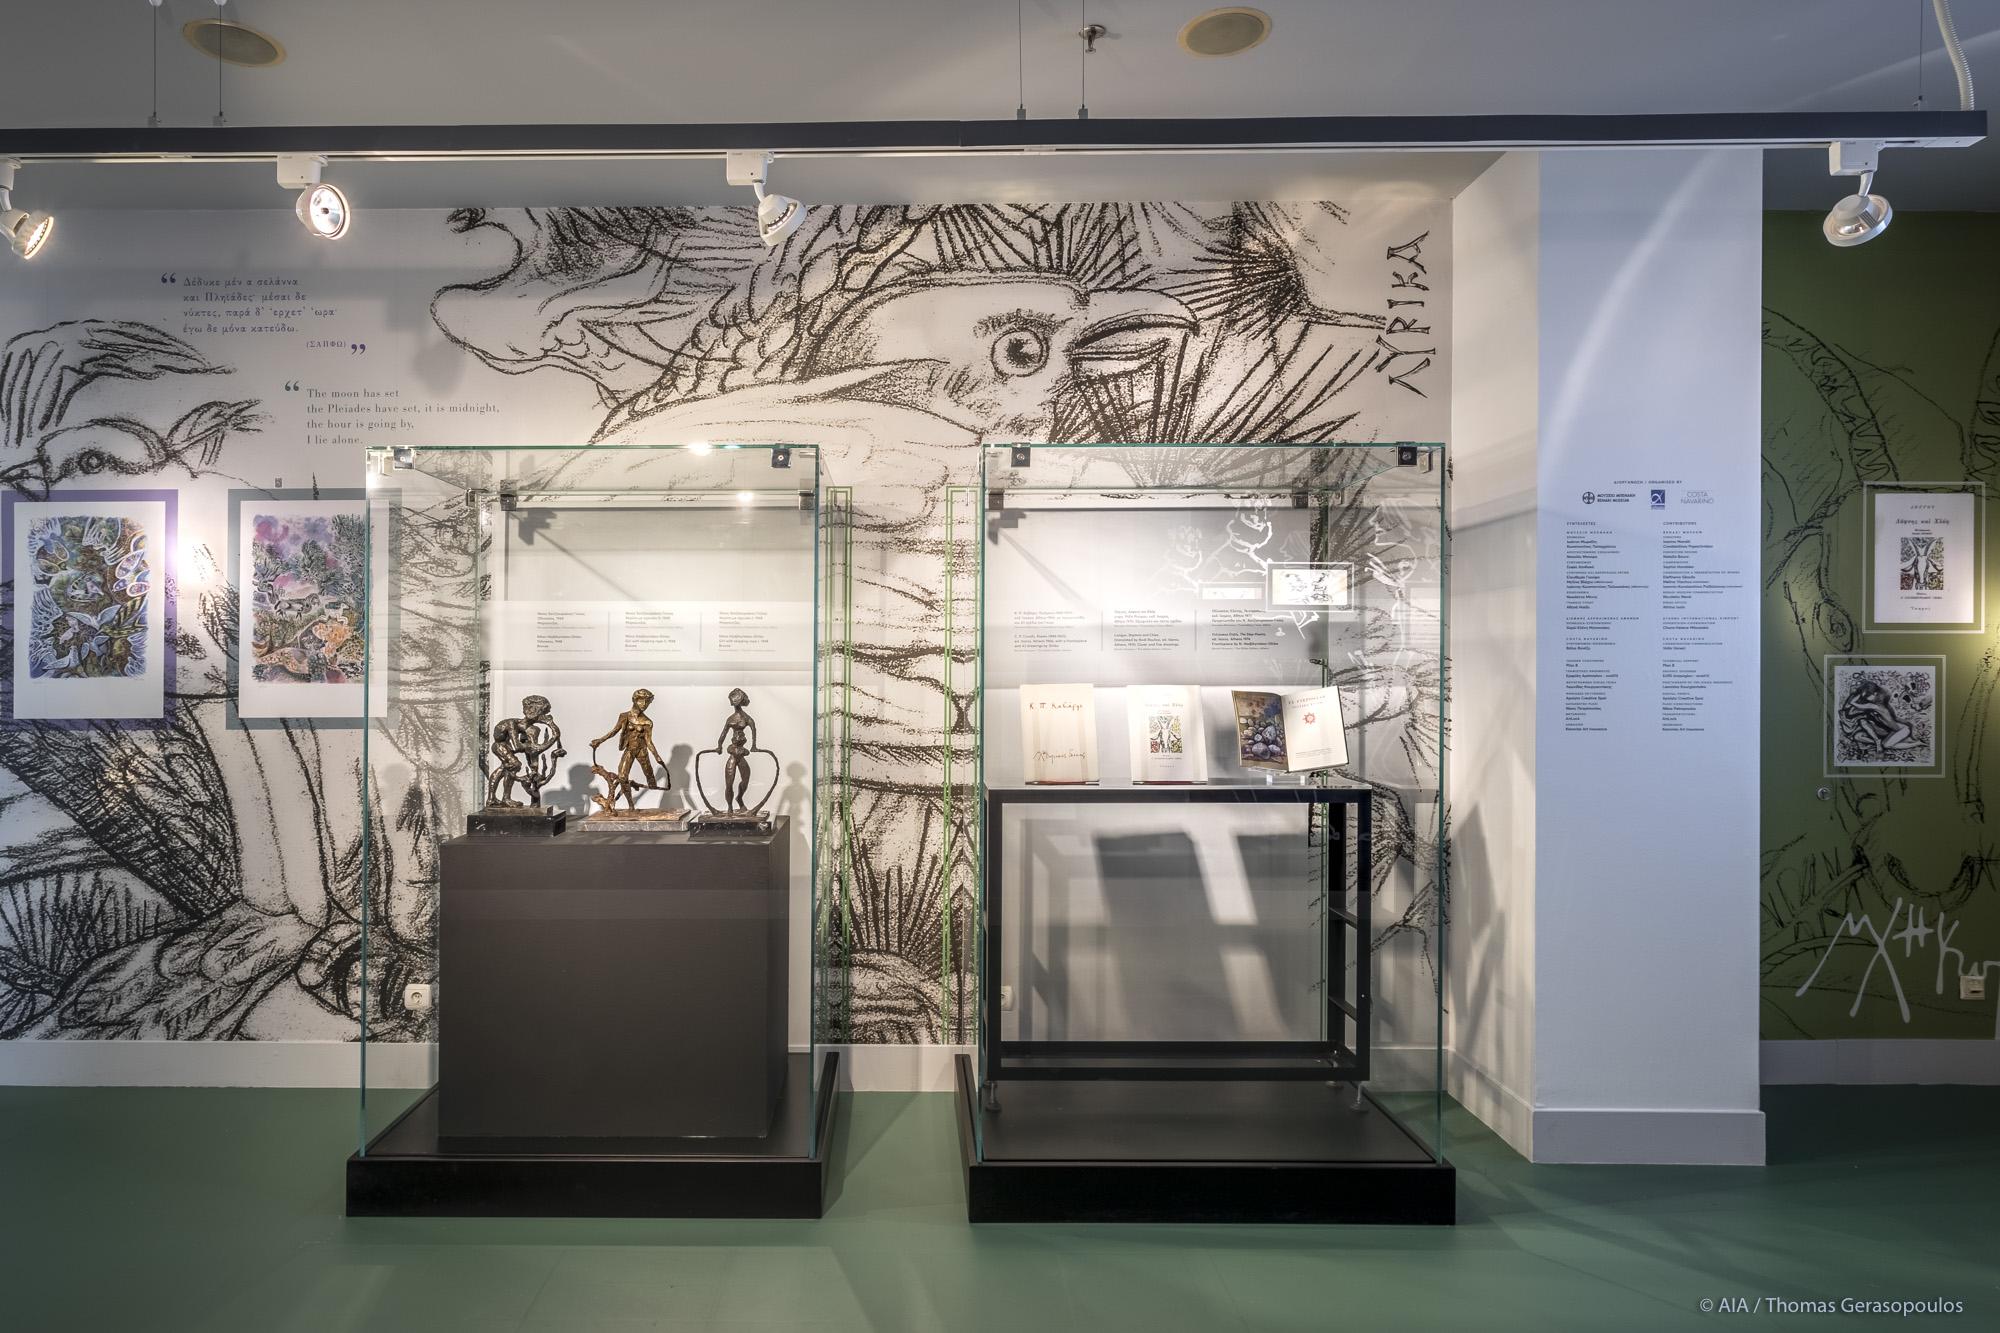 Ζωγραφιές ανάμεσα στις σελίδες. Εικονογραφήσεις του Νίκου Χατζηκυριάκου Γκίκα από τις Συλλογές του Μουσείου Μπενάκη